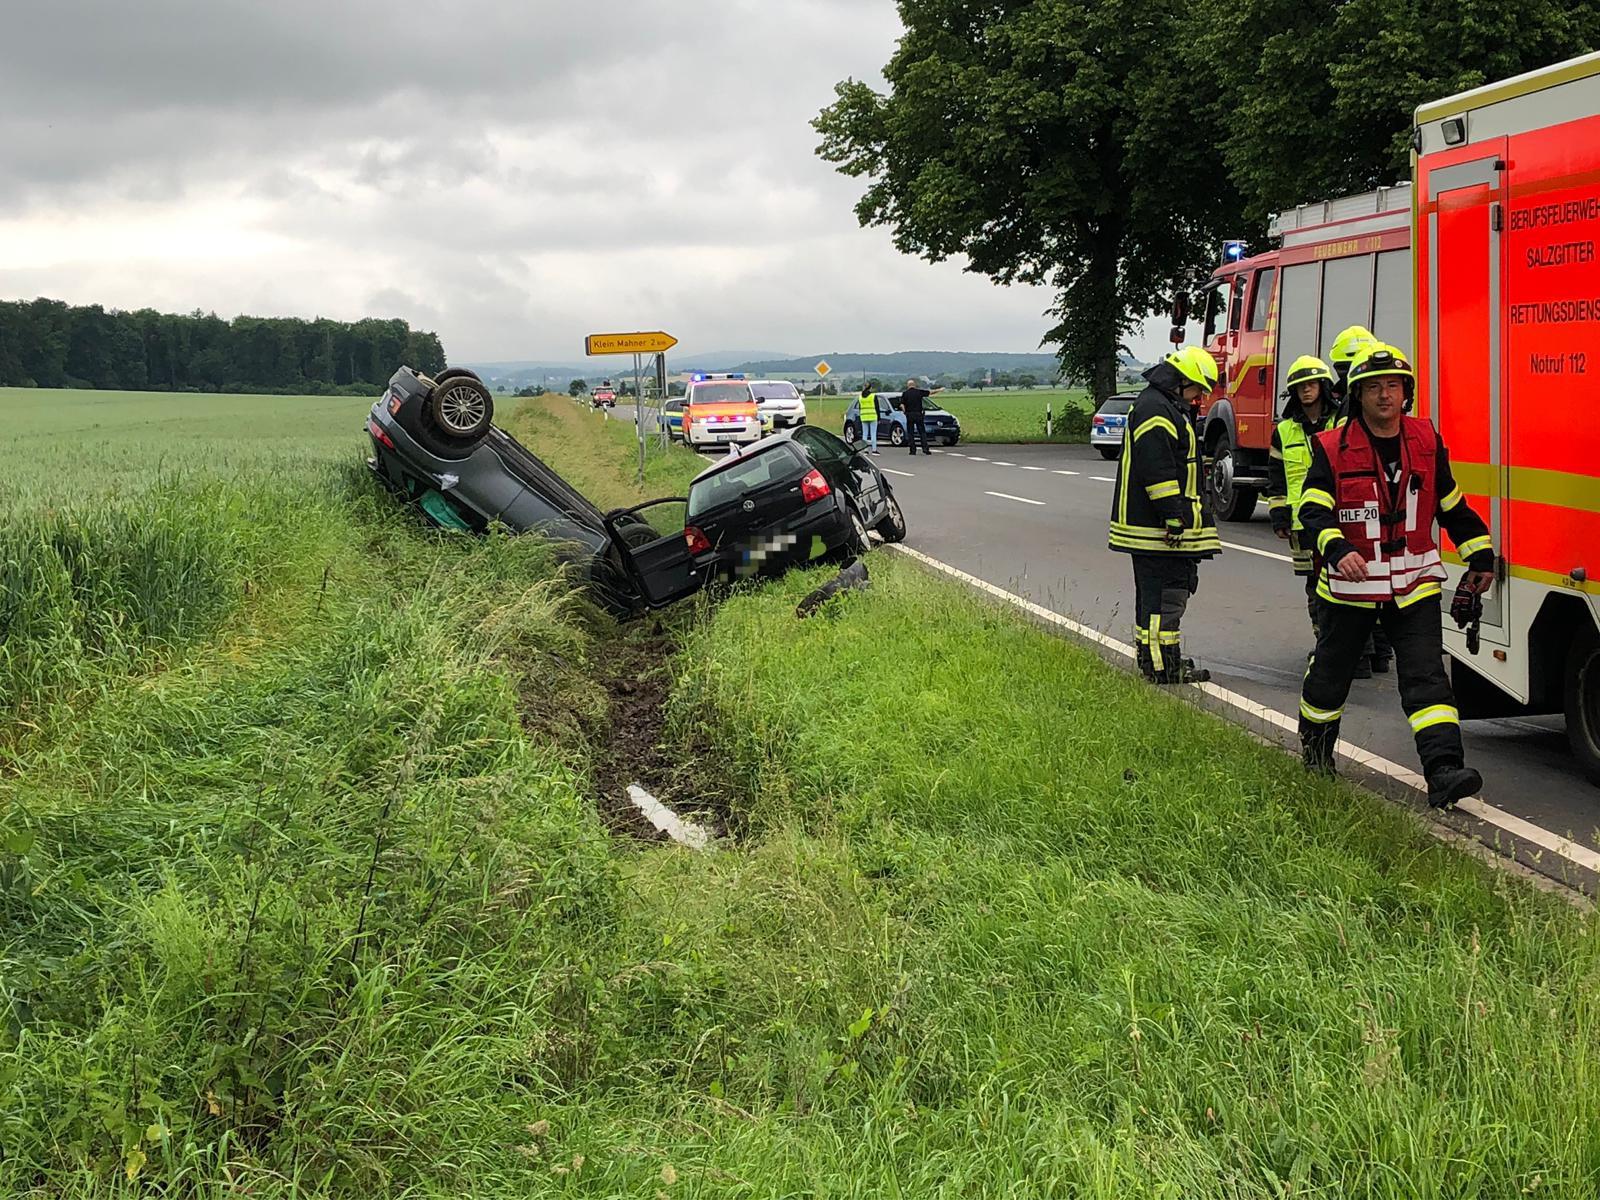 Verkehrsunfall mit mehreren Verletzten